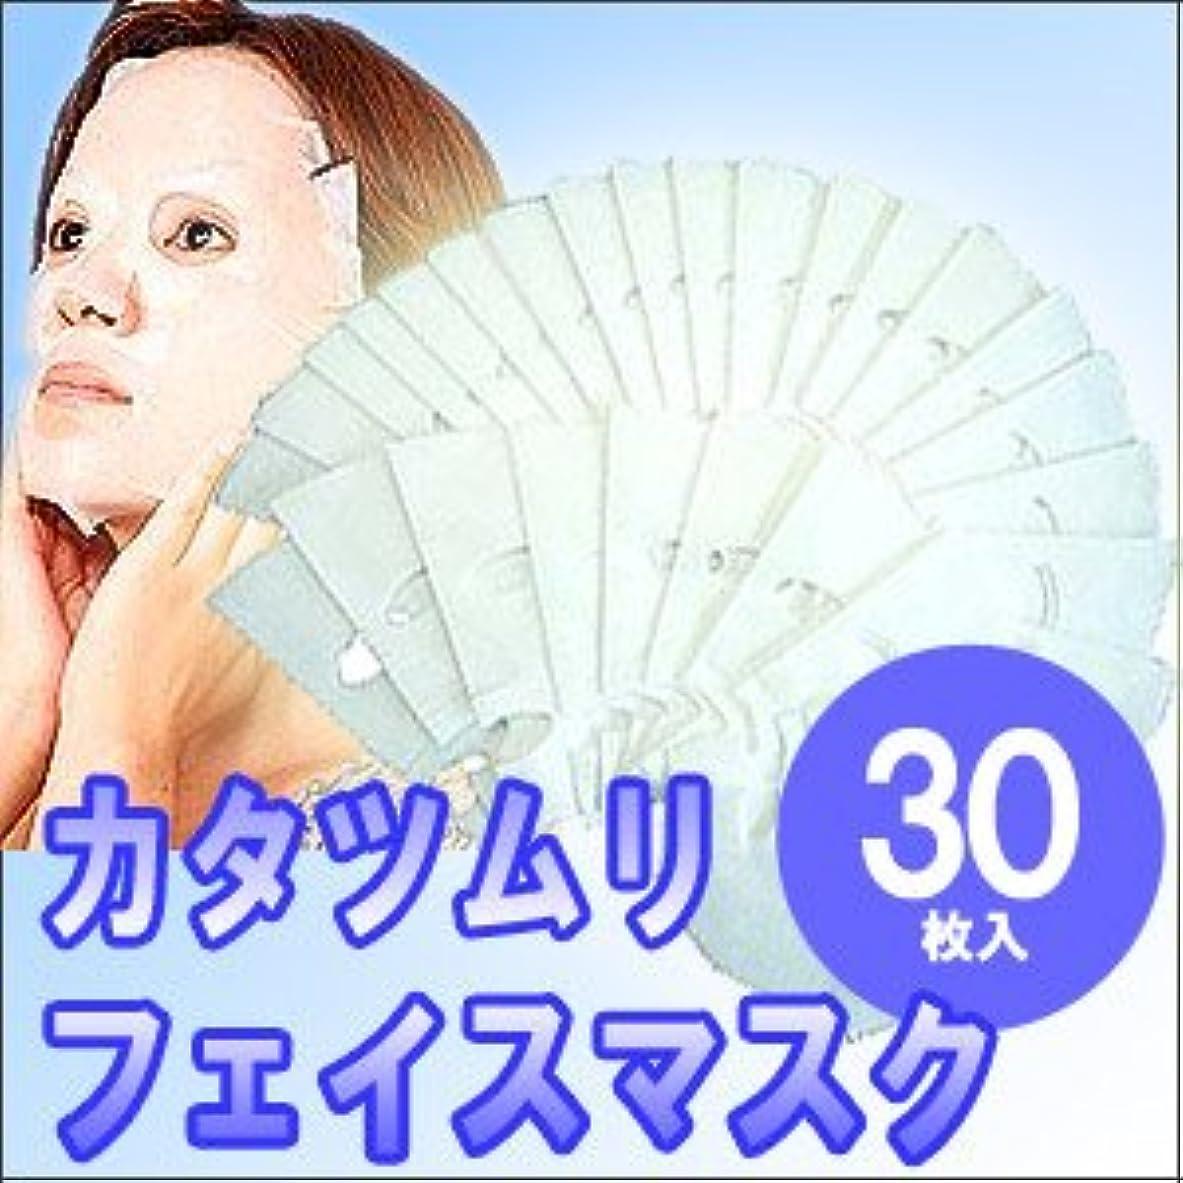 始める敬意を表する材料【メディアで話題】カタツムリフェイスマスク 30枚入り